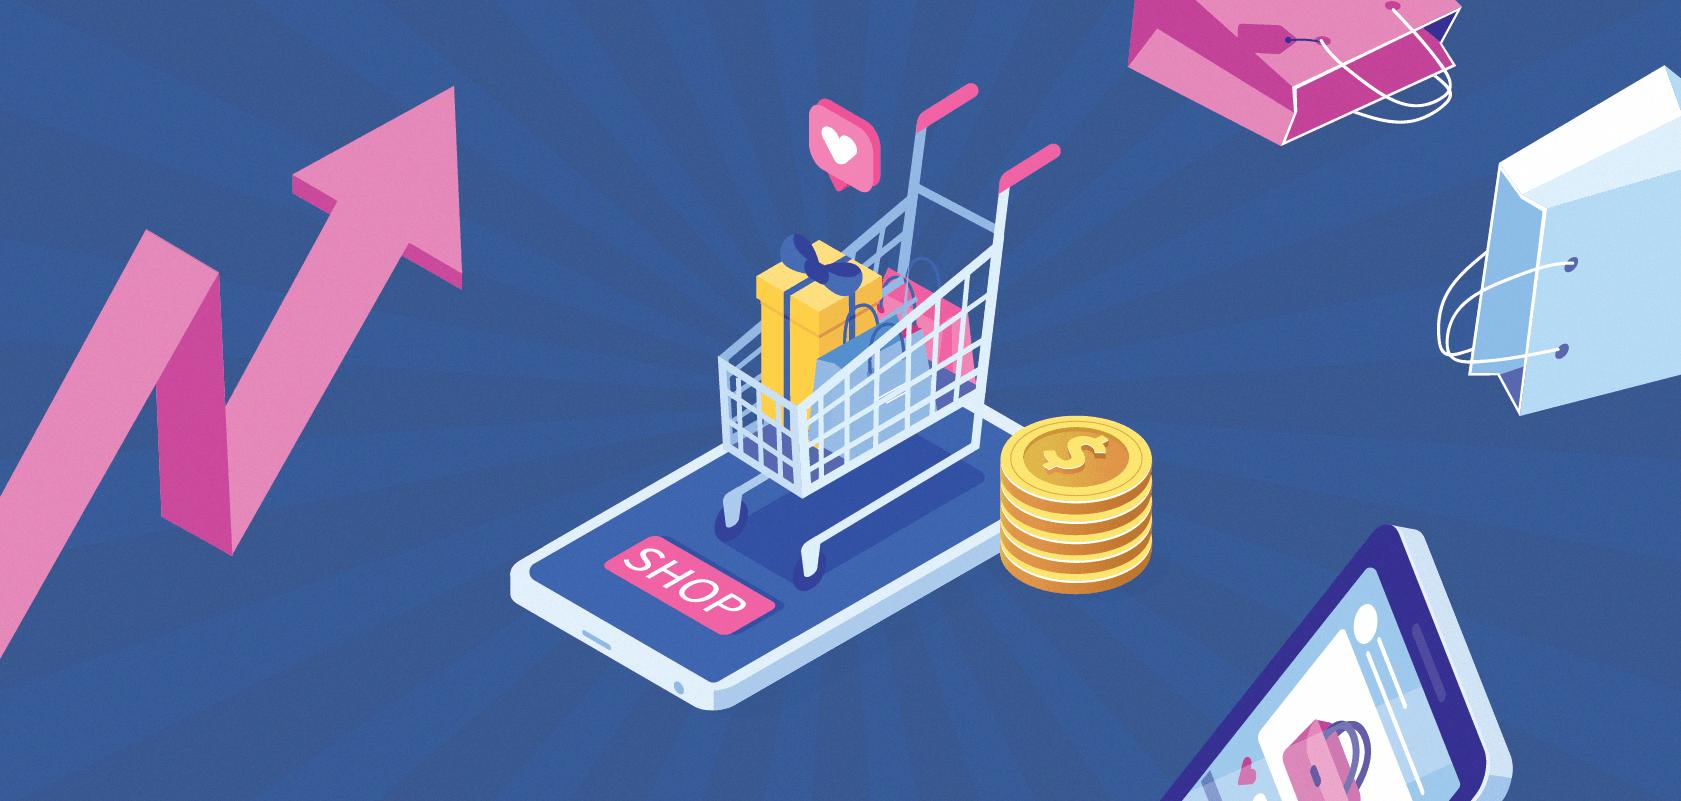 Para quem possui uma loja física, abrir uma loja online é o caminho certo para expandir os negócios.